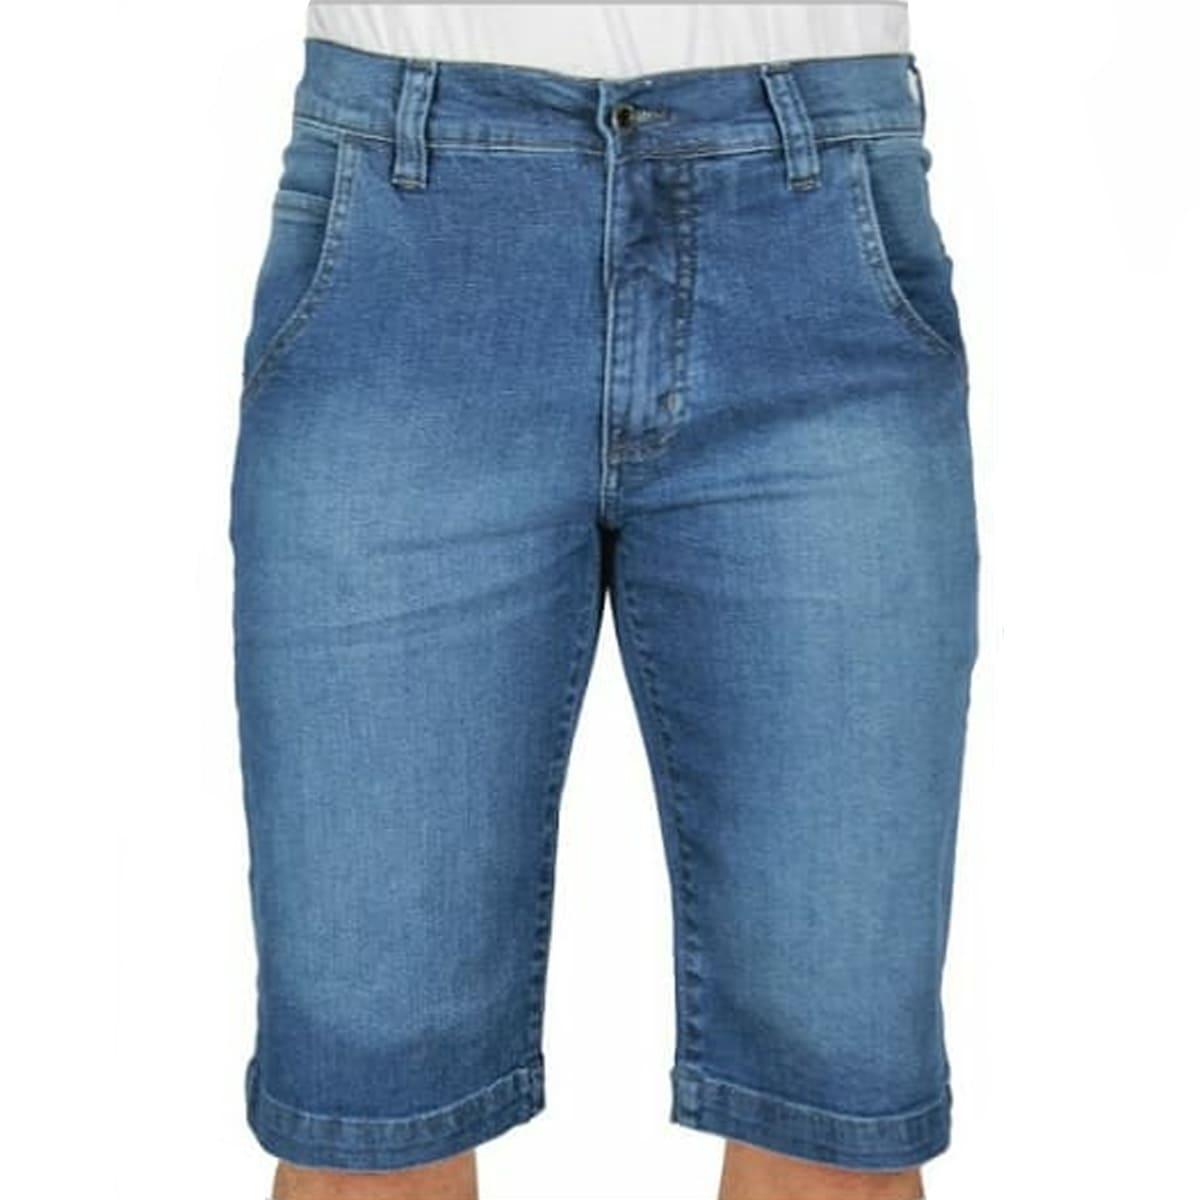 Bermuda Masculina Jeans R Sete 536